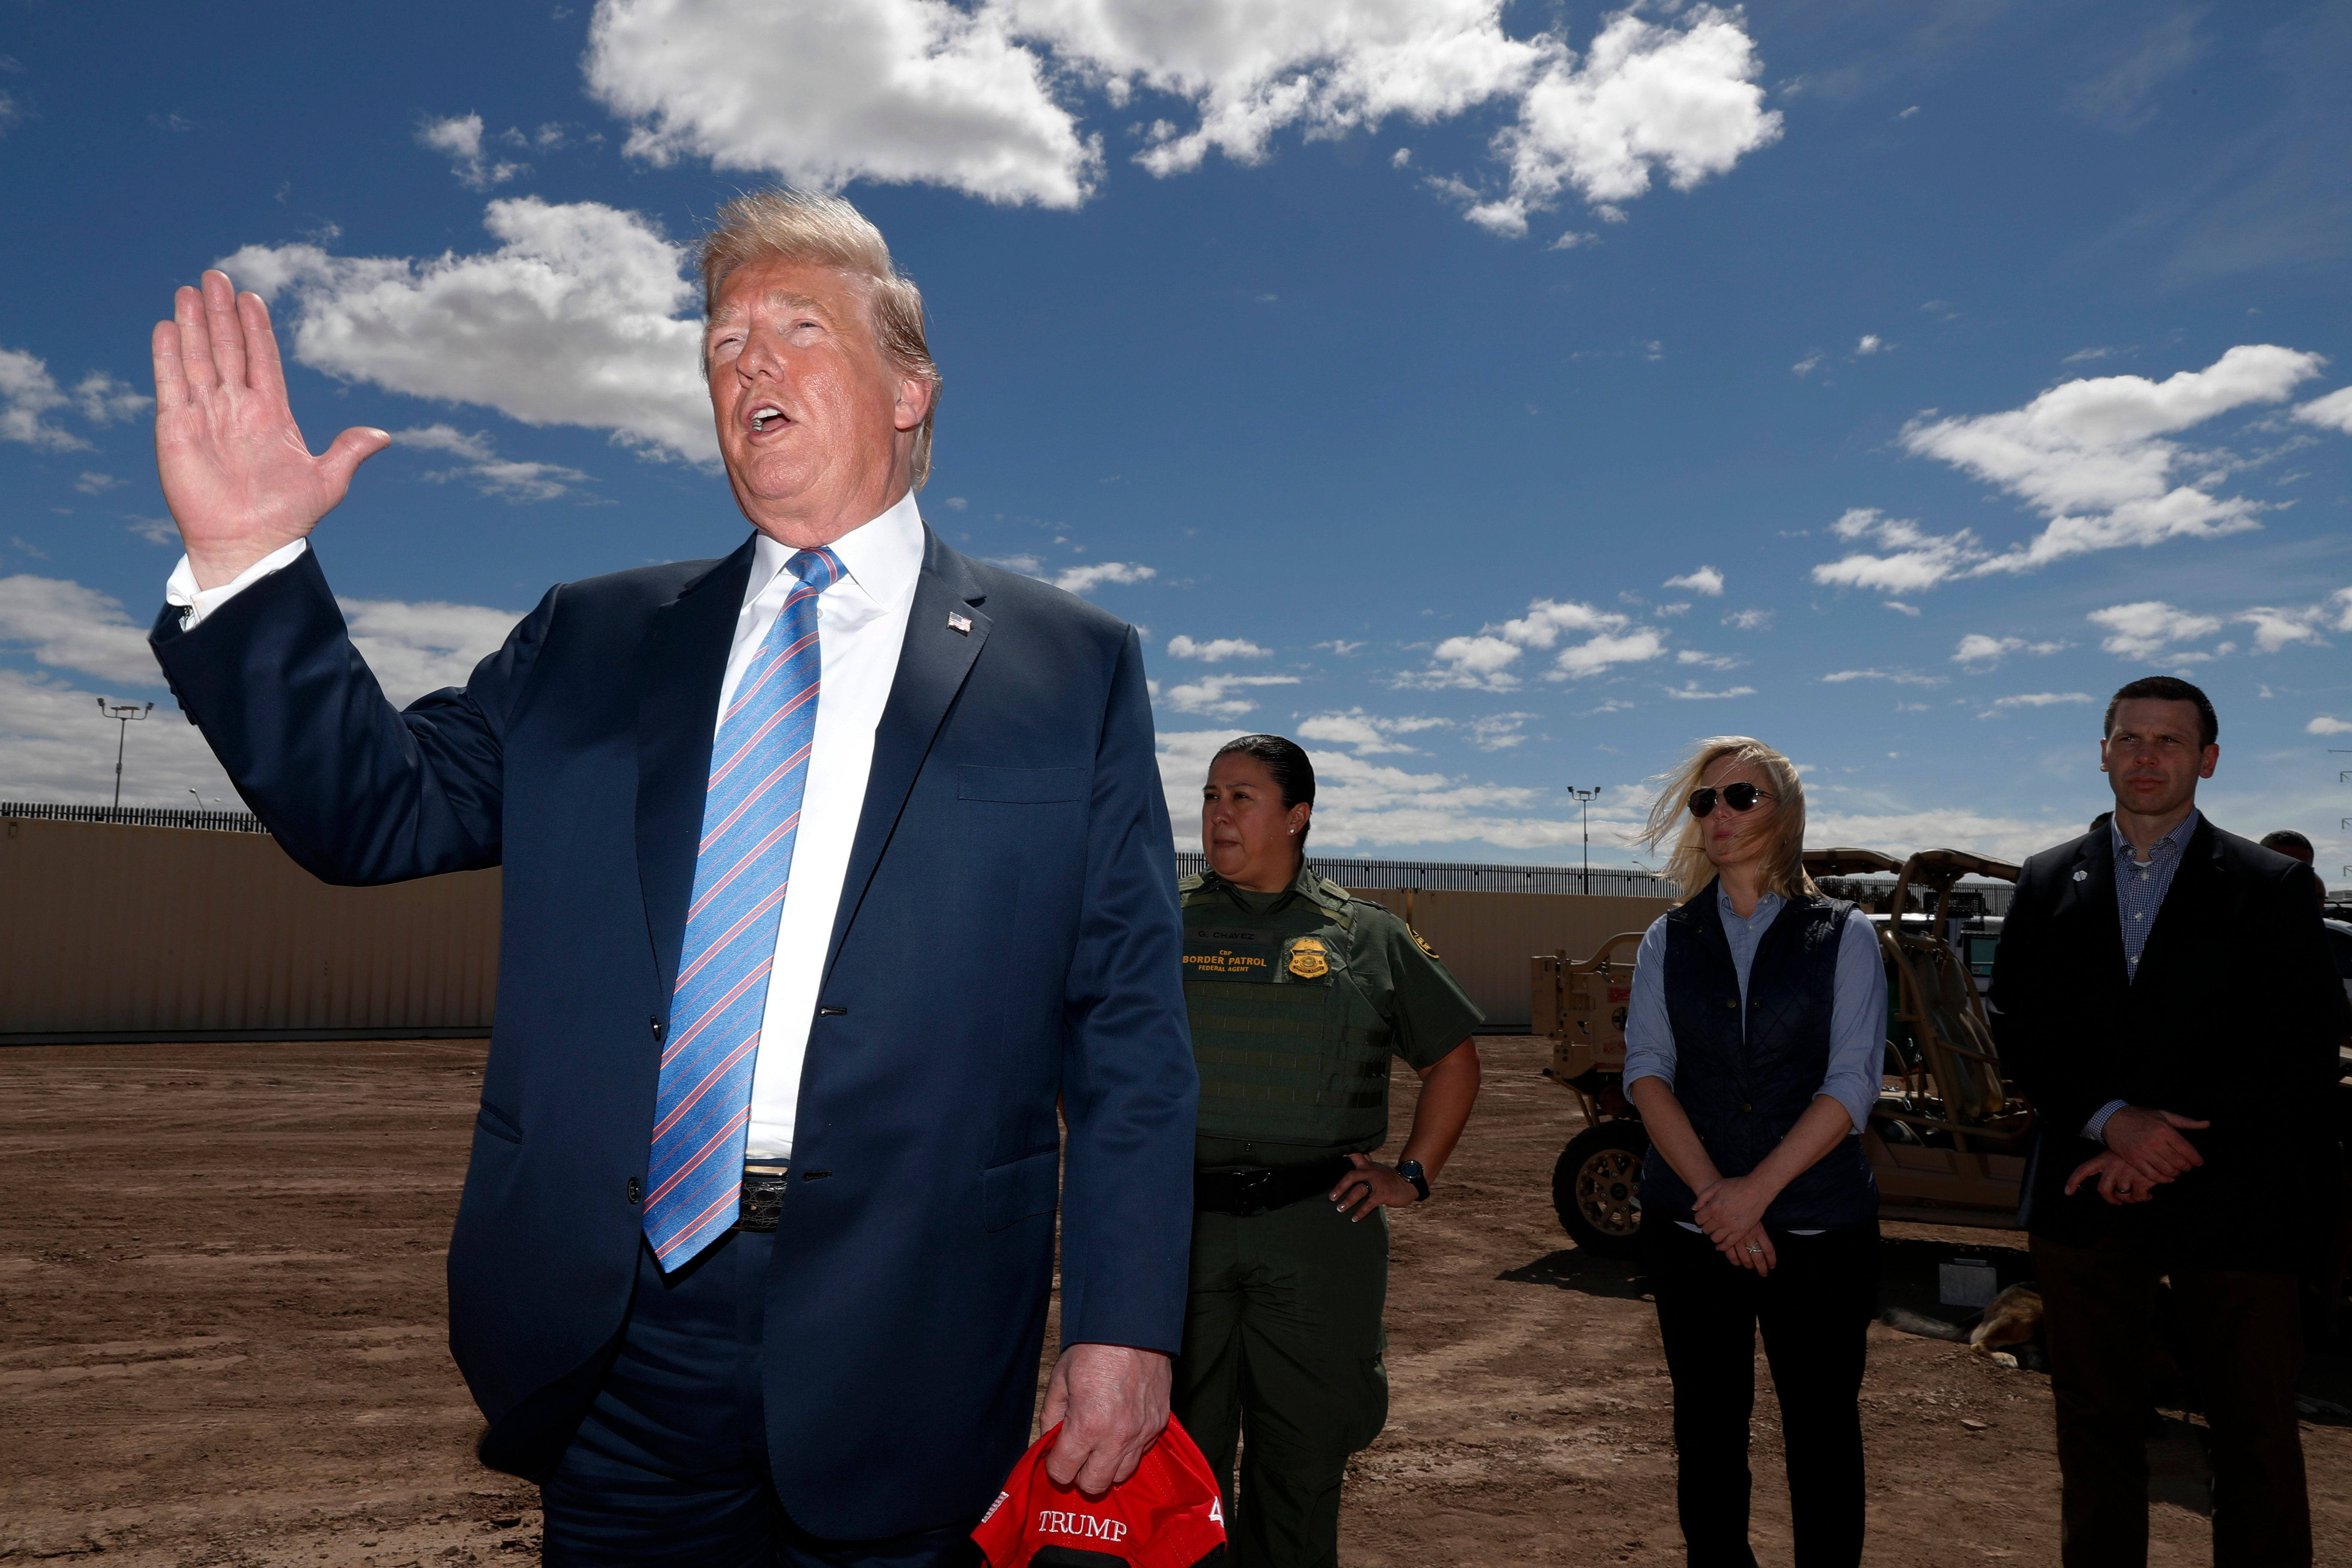 트럼프가 미등록 이민자들을 '피난처 도시'로 보내겠다고